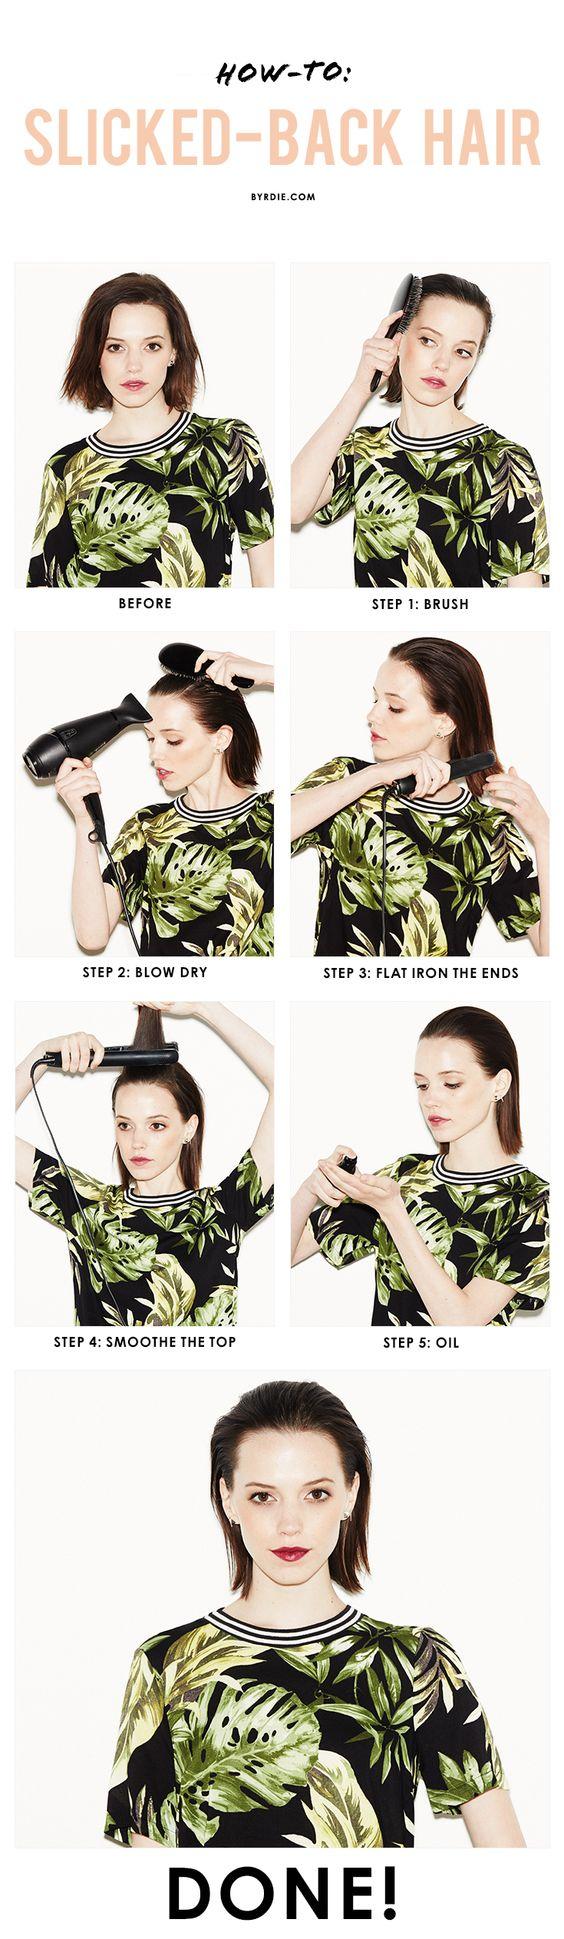 15 Hair Tutorials for Bobs - Pretty Designs